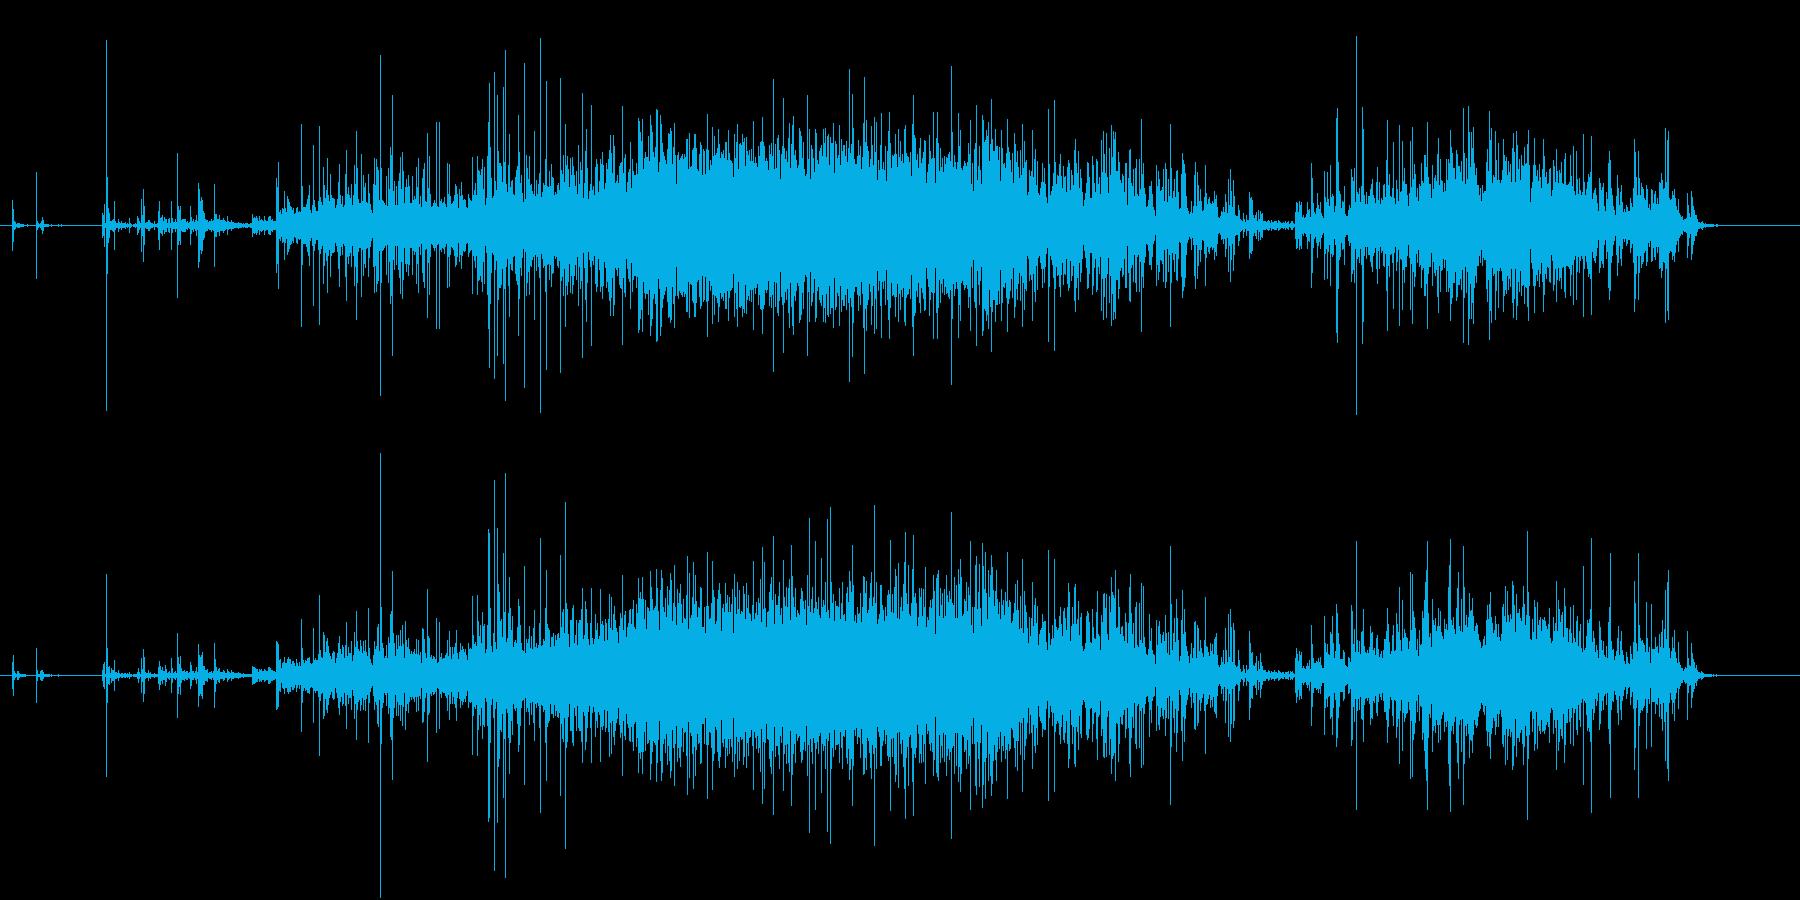 【生録音】米粒(生米)を取り出す音 2の再生済みの波形